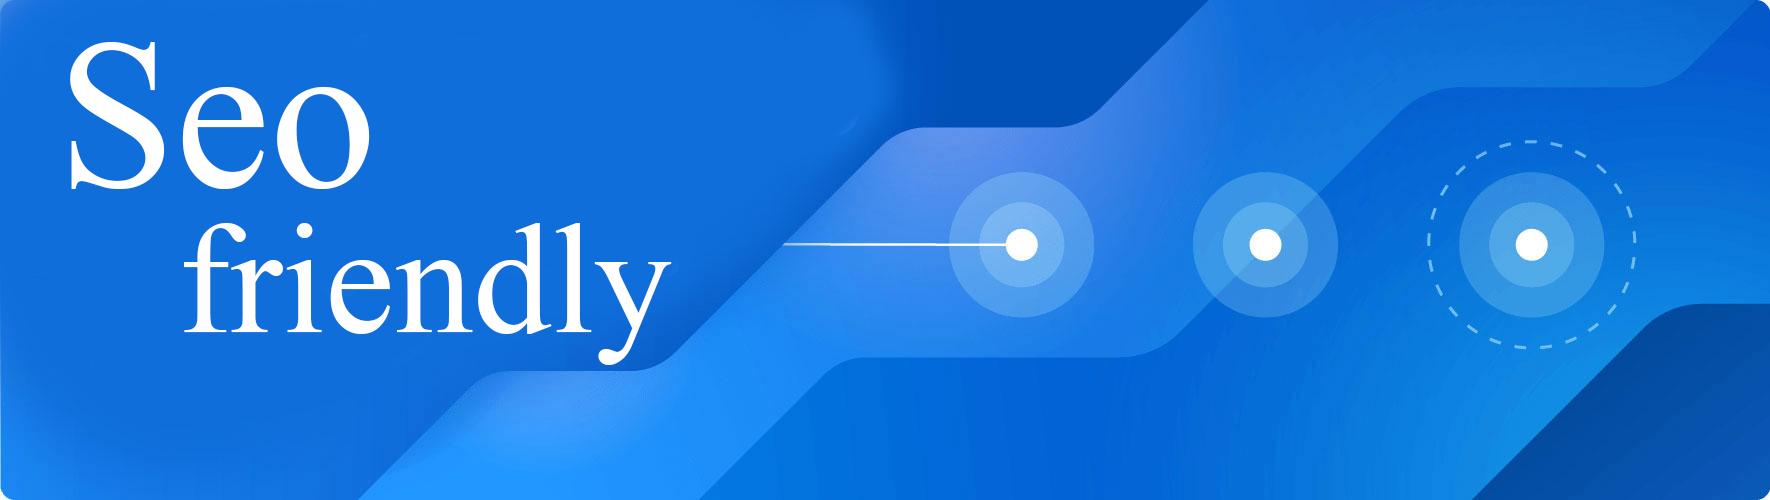 طراحی سایت Seo friendly